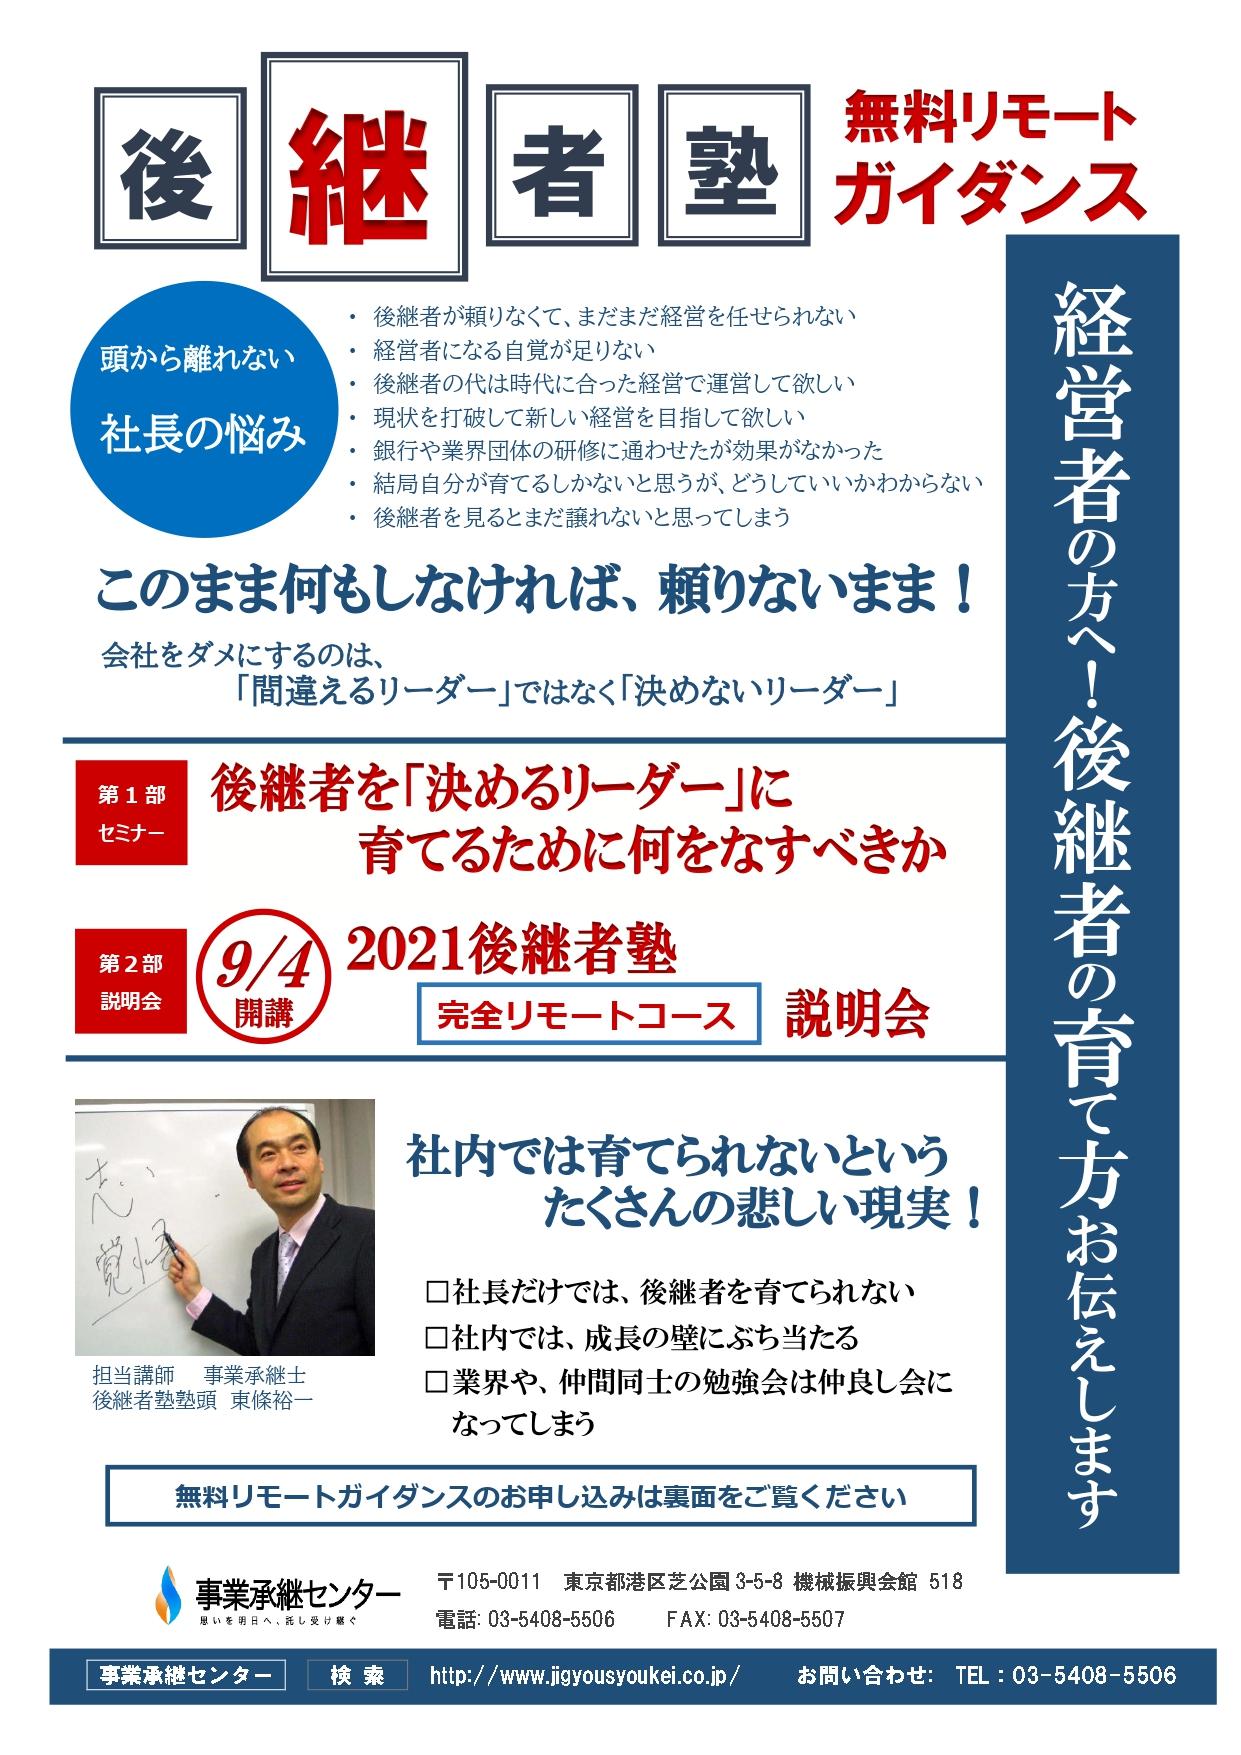 後継者塾 無料リモート ガイダンス